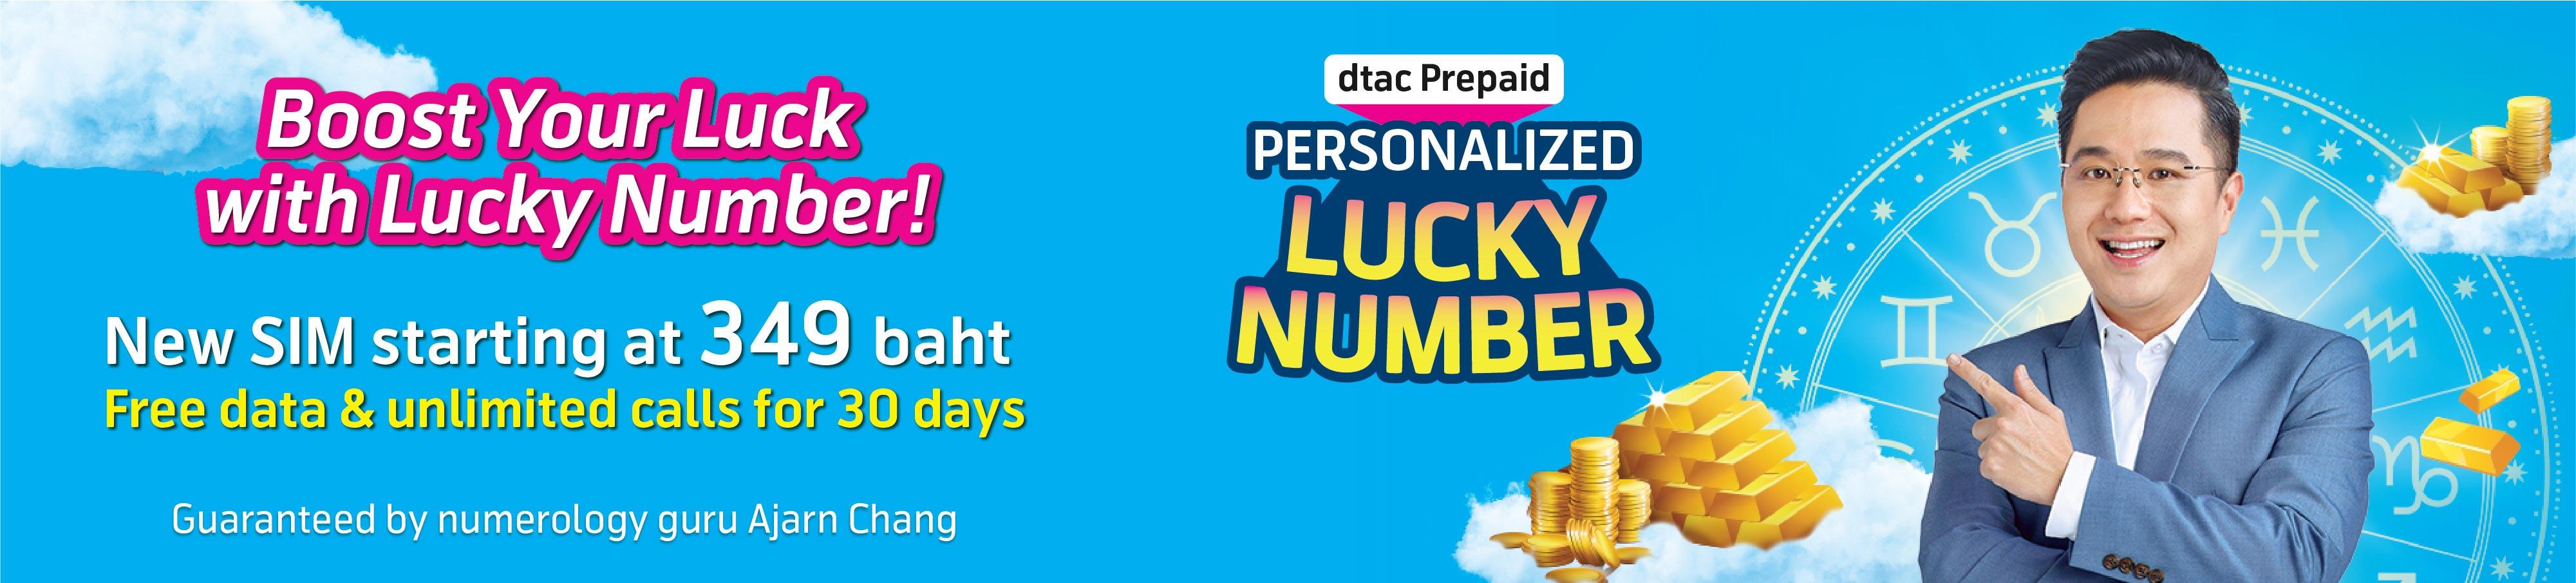 Prepaid New Number